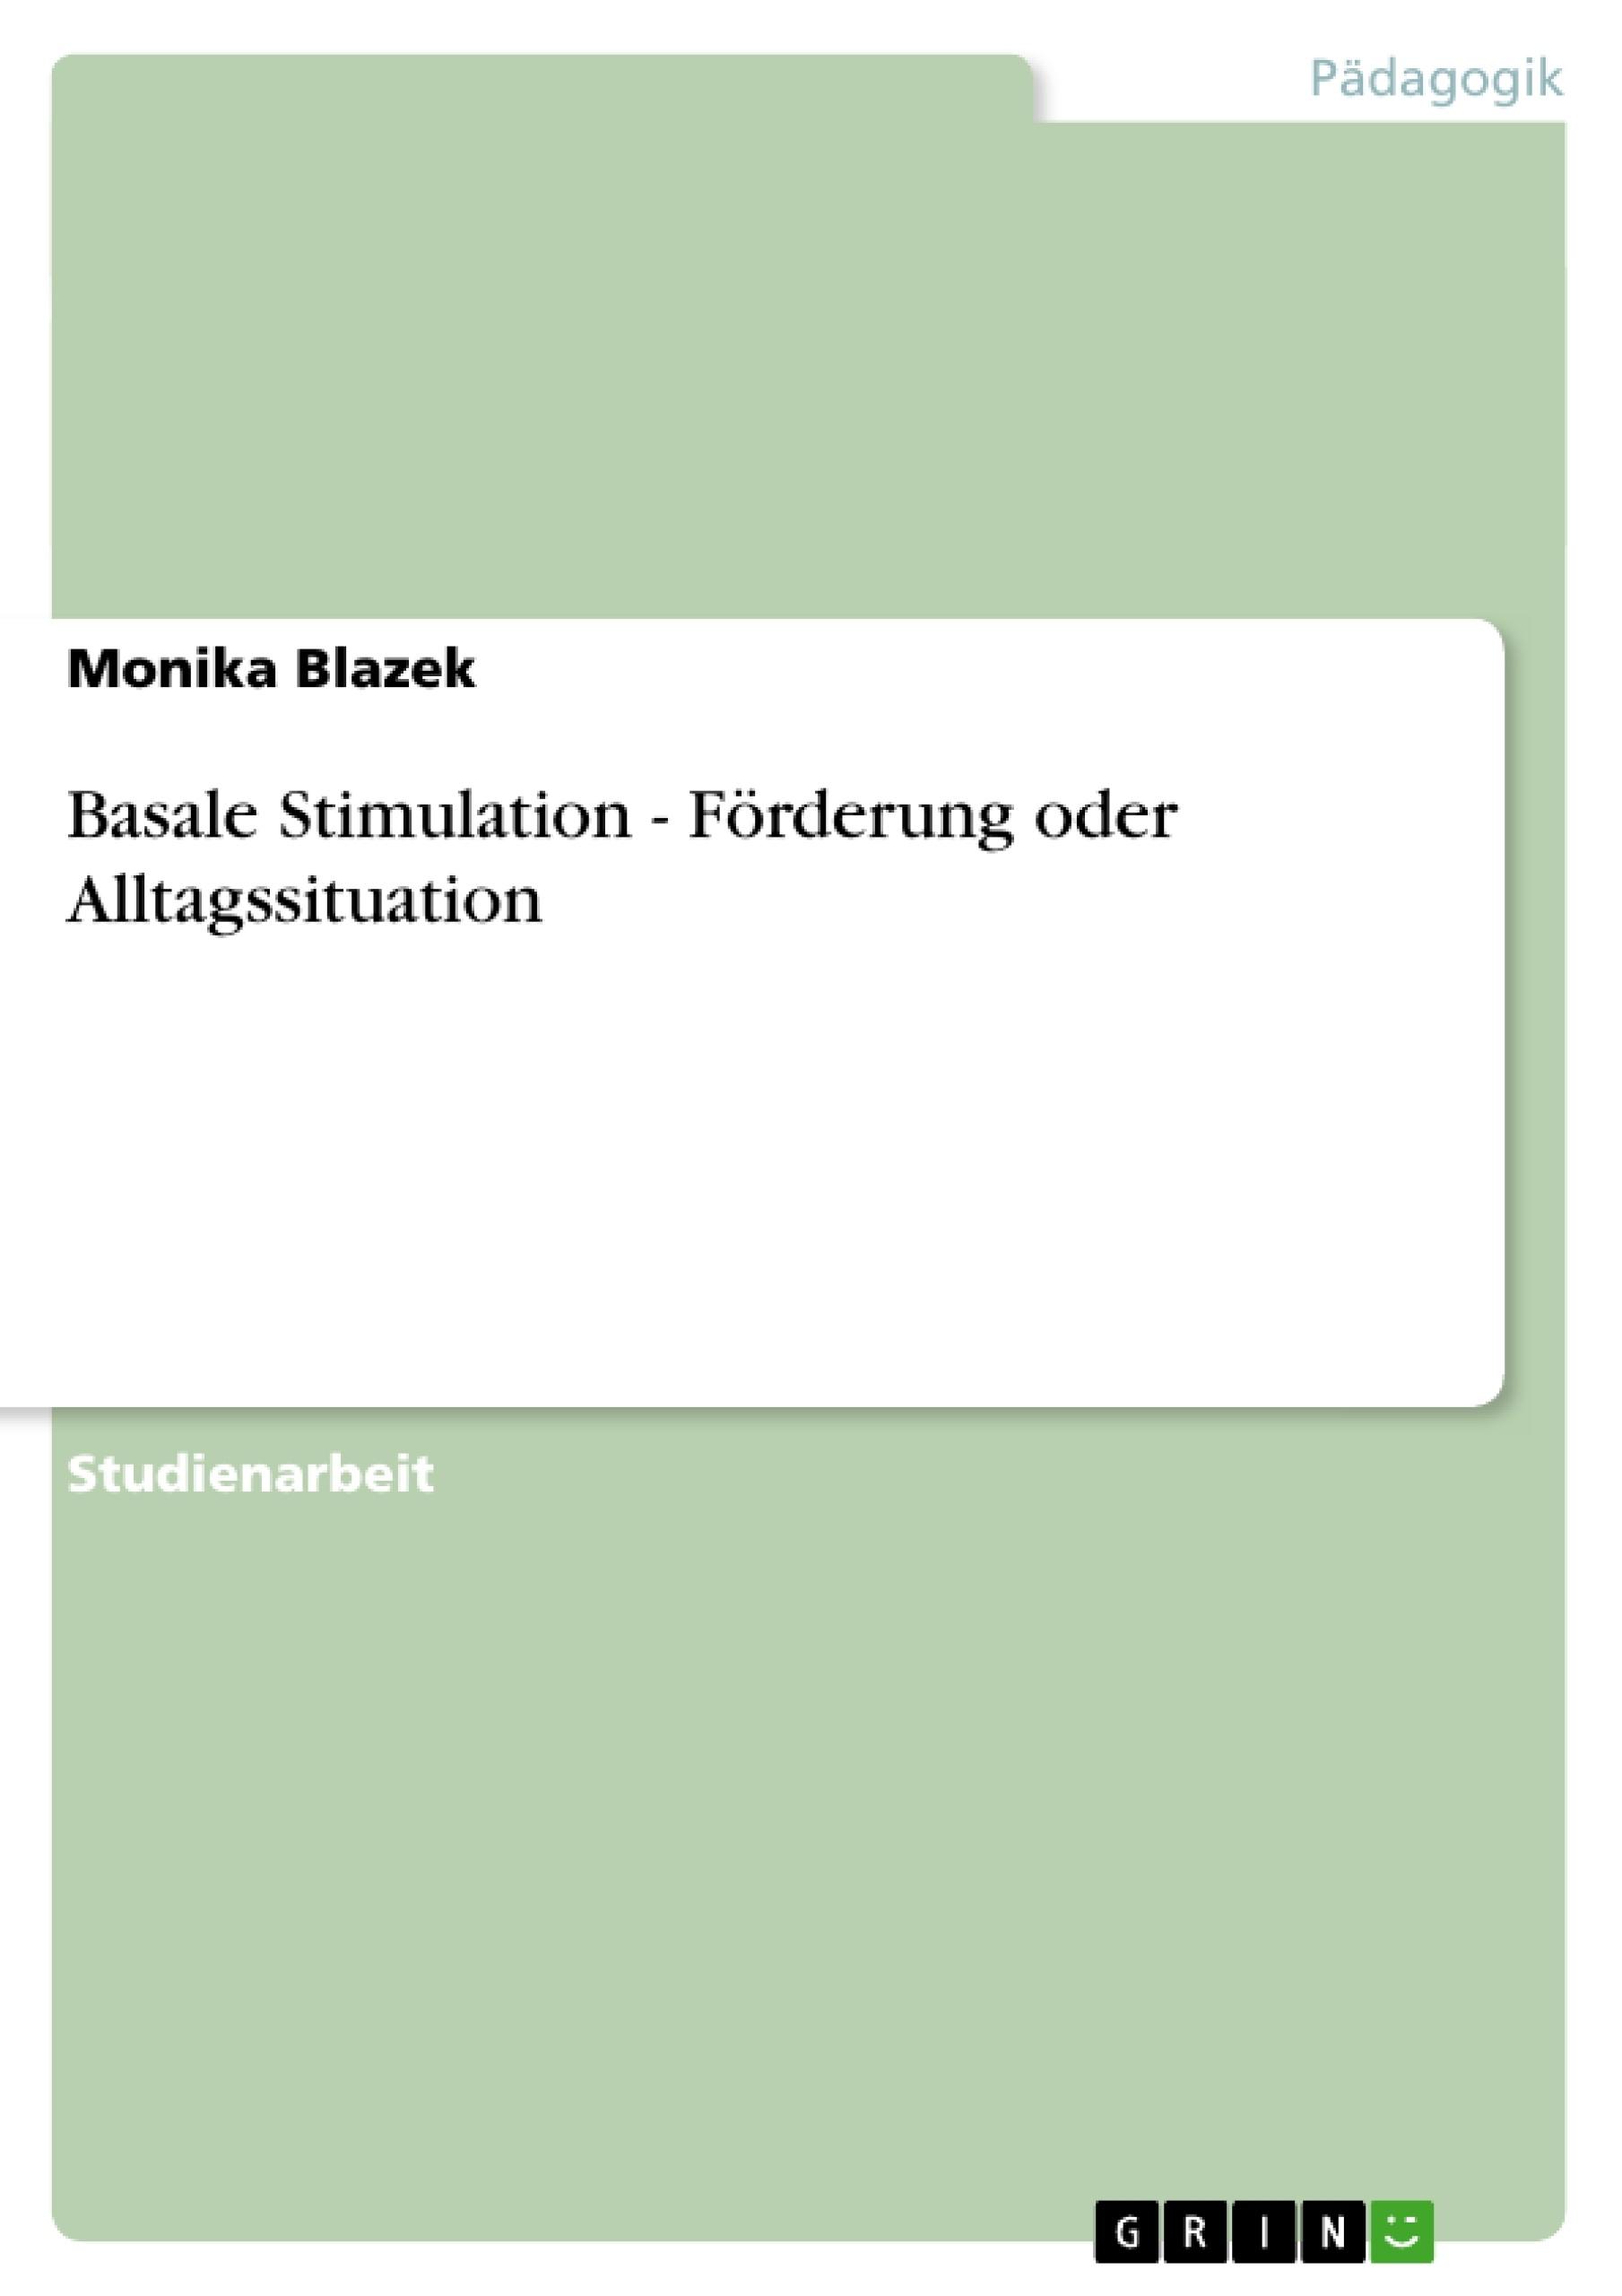 Titel: Basale Stimulation - Förderung oder Alltagssituation